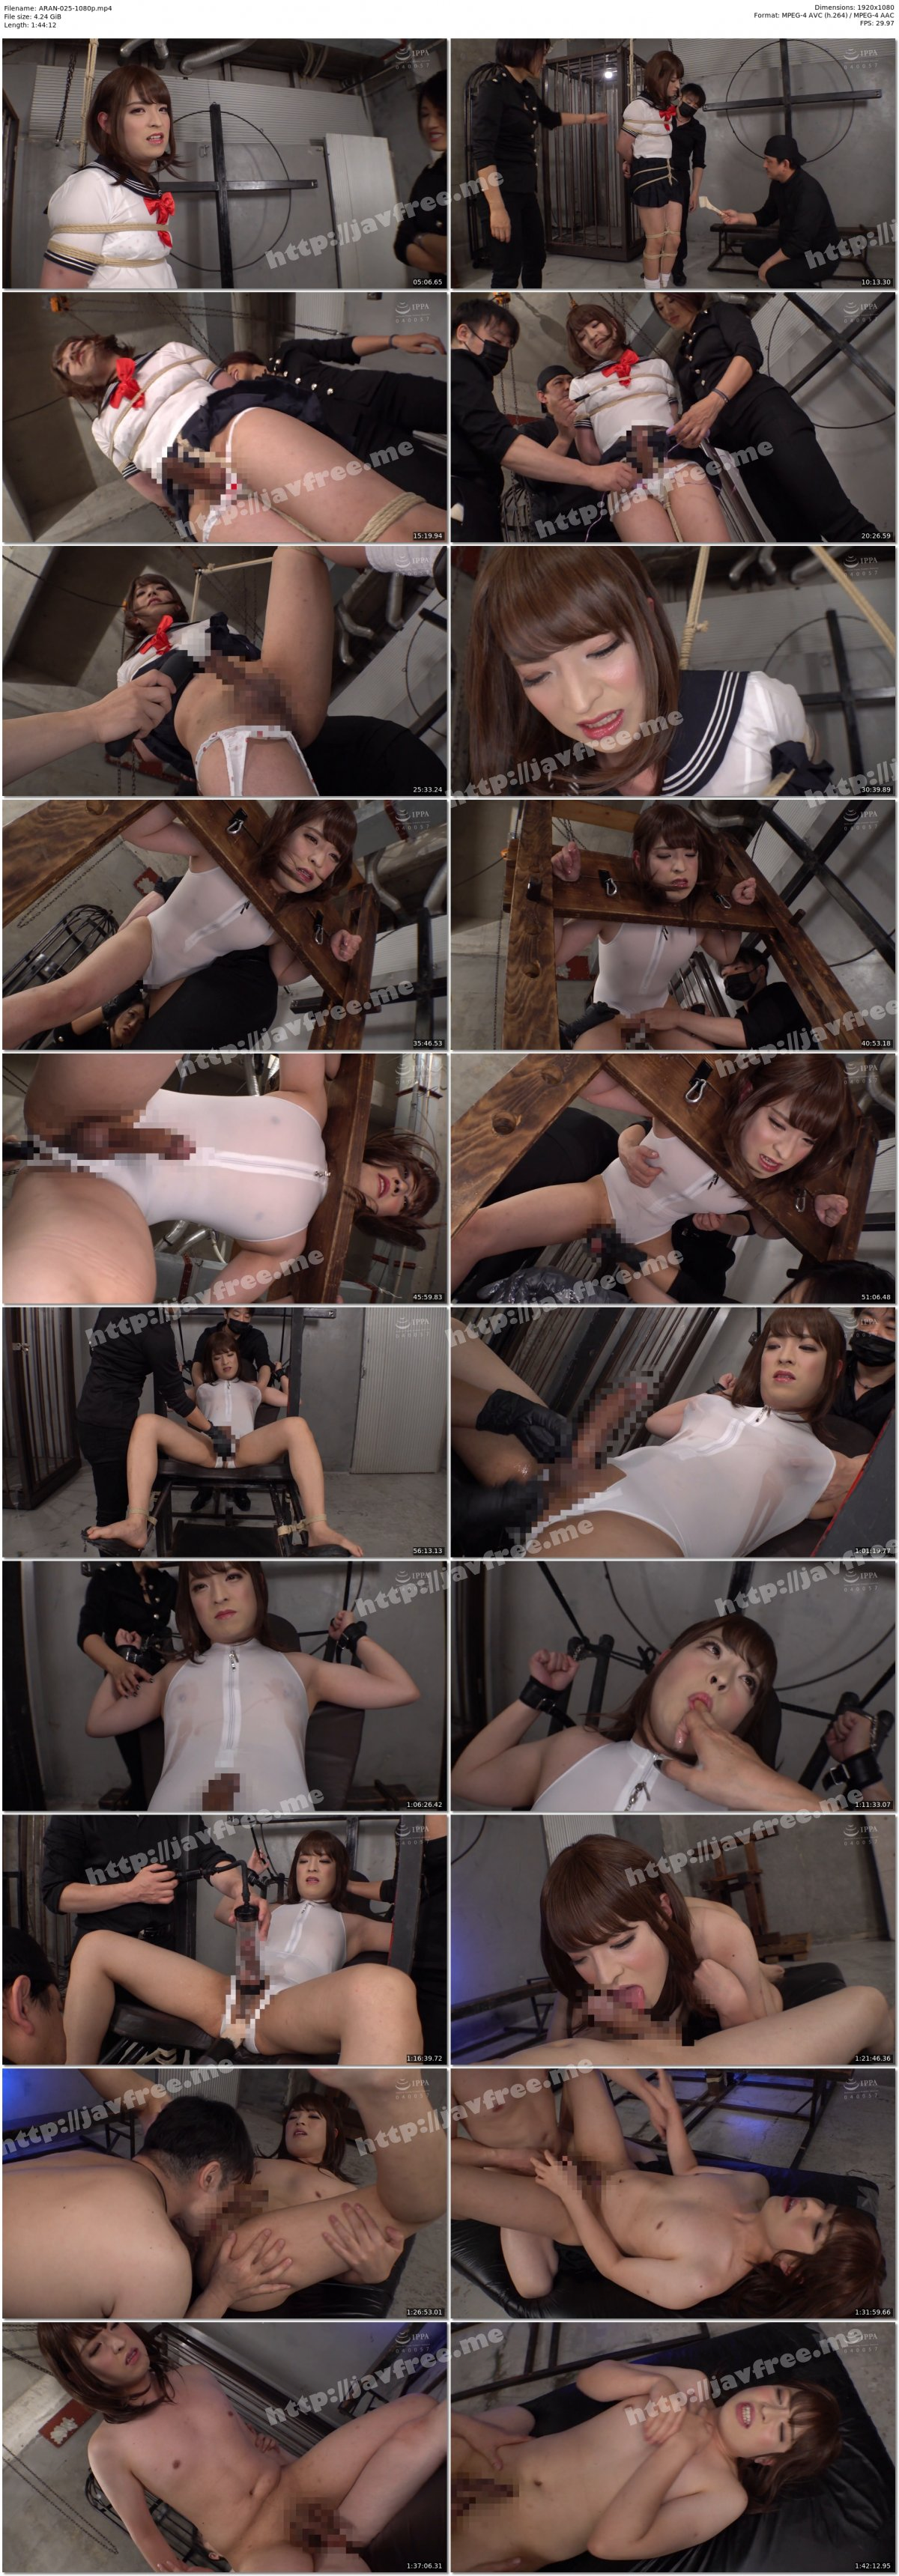 [HD][ARAN-025] 発狂絶頂オトコの娘 全身性感帯の美少女肉人形に改造されて 勃起しながらマ○コでイク、恥辱なボク - image ARAN-025-1080p on https://javfree.me